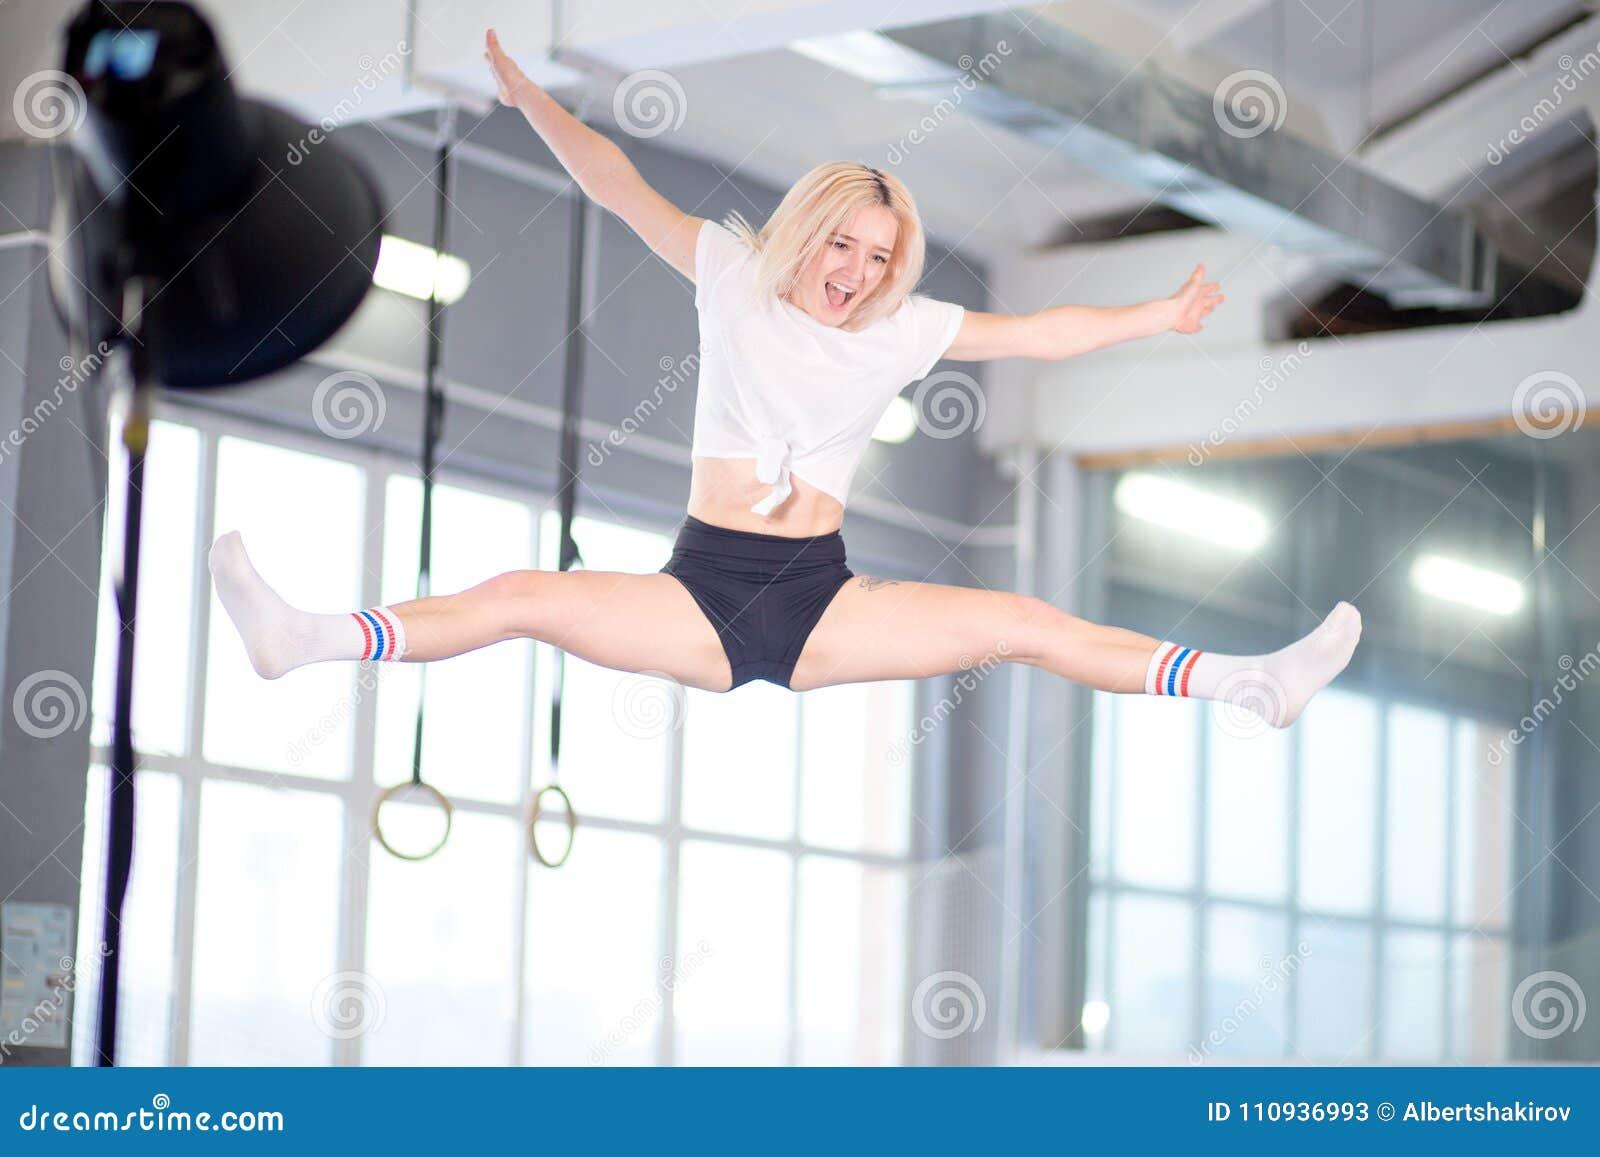 Streng die jonge vrouw op de trampoline springen